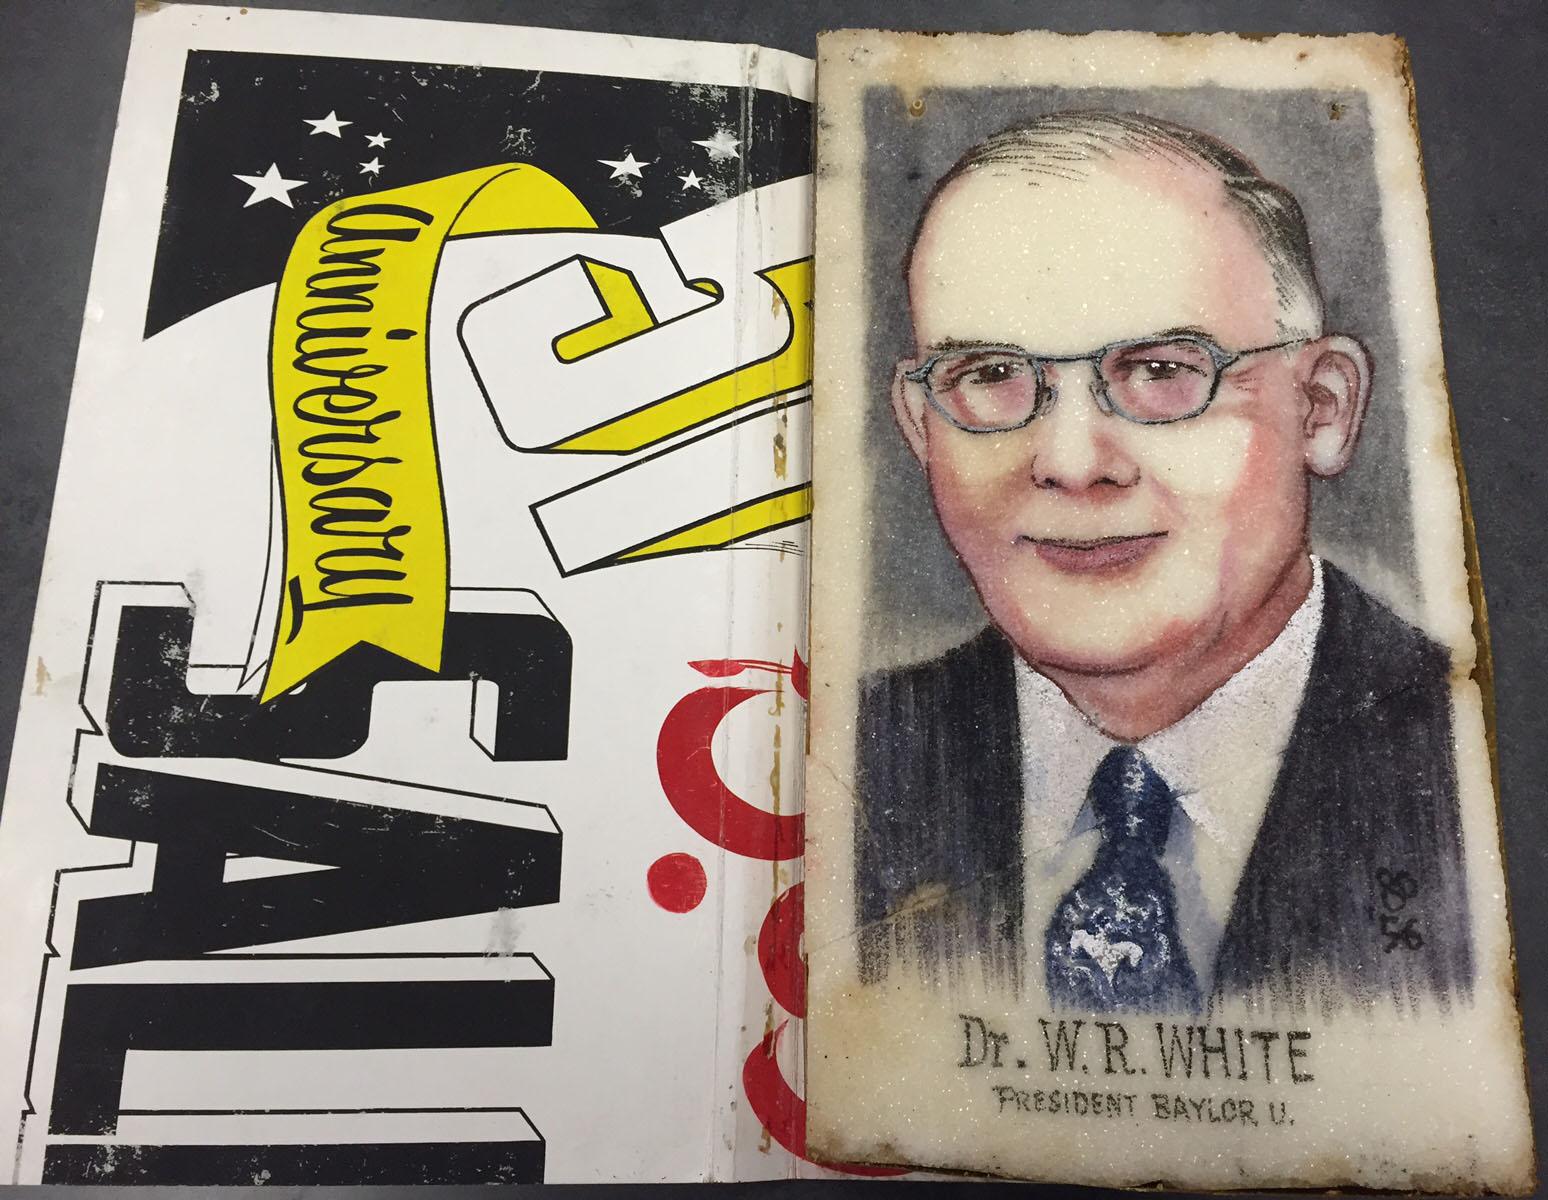 Sugar portrait of Baylor President W.R. White, 1956